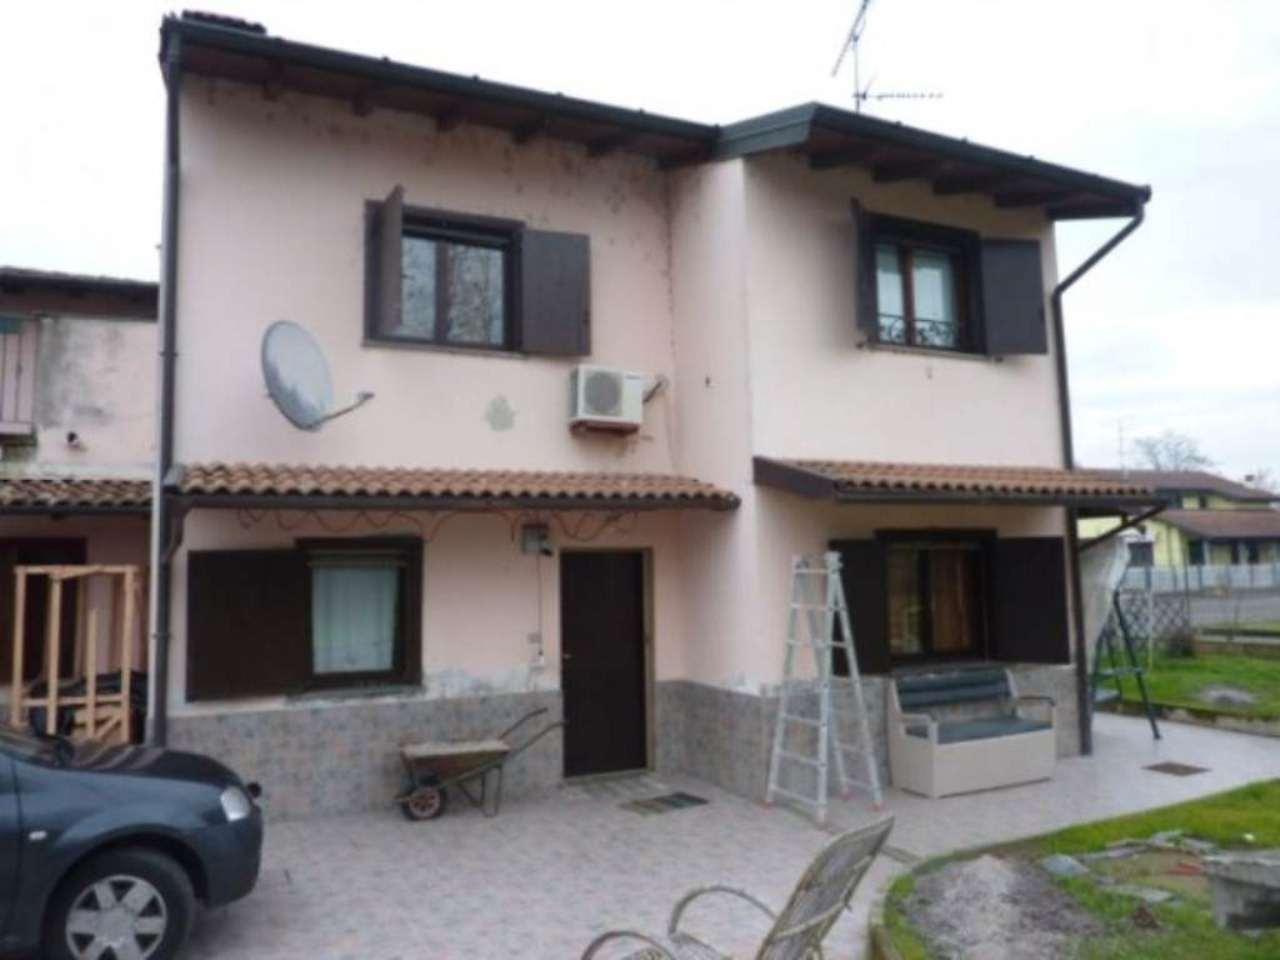 Soluzione Indipendente in vendita a Mortara, 5 locali, prezzo € 140.000 | Cambio Casa.it